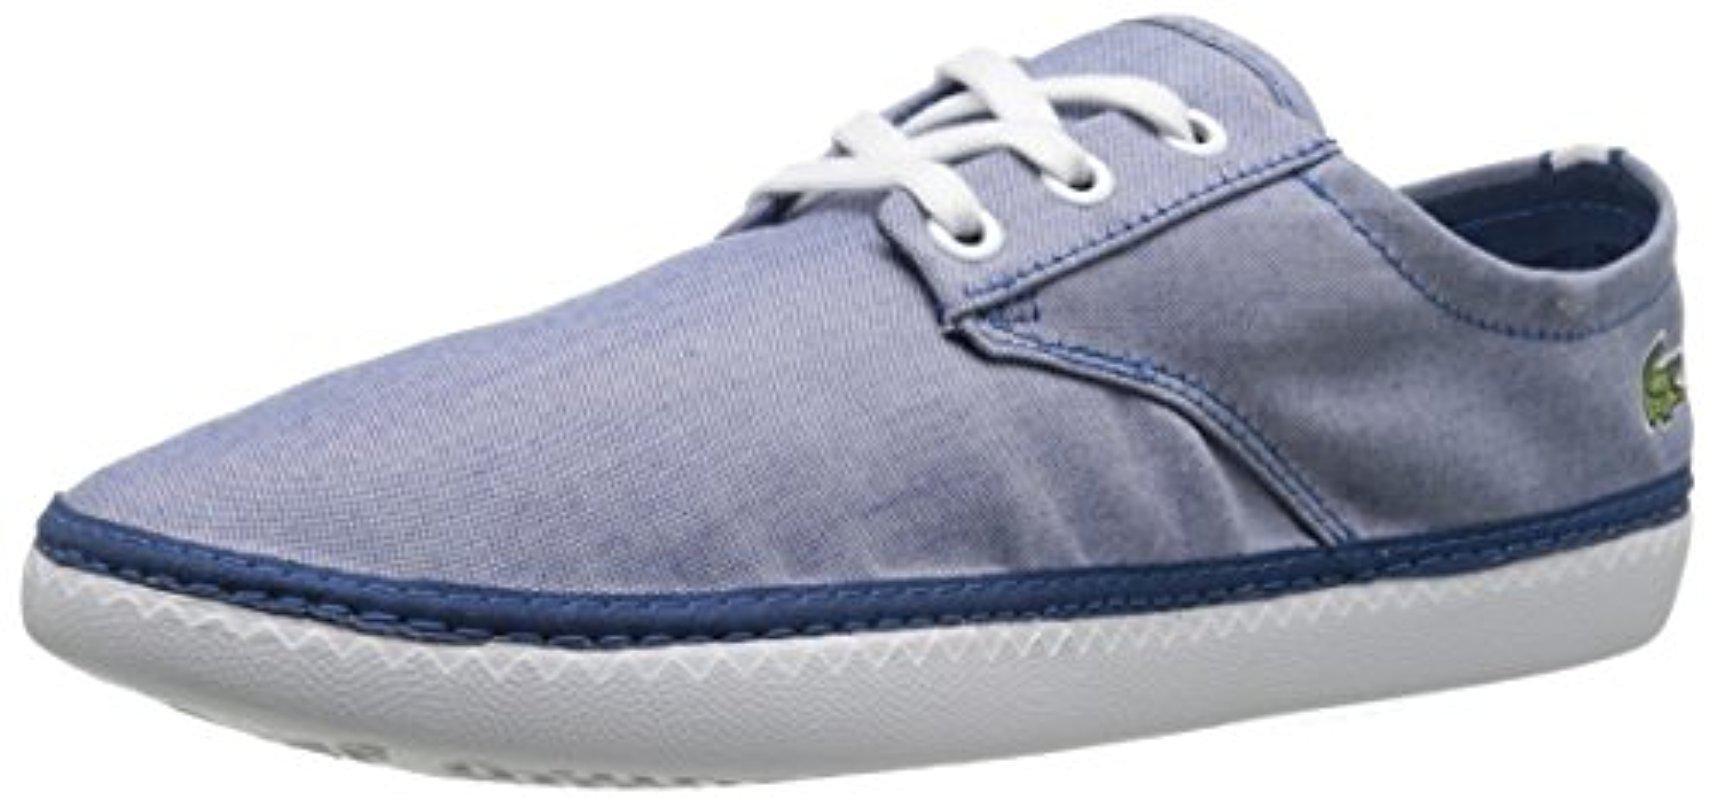 e2ca5a32fa7df Lyst - Lacoste Malahini Deck 216 1 Fashion Sneaker in Blue for Men